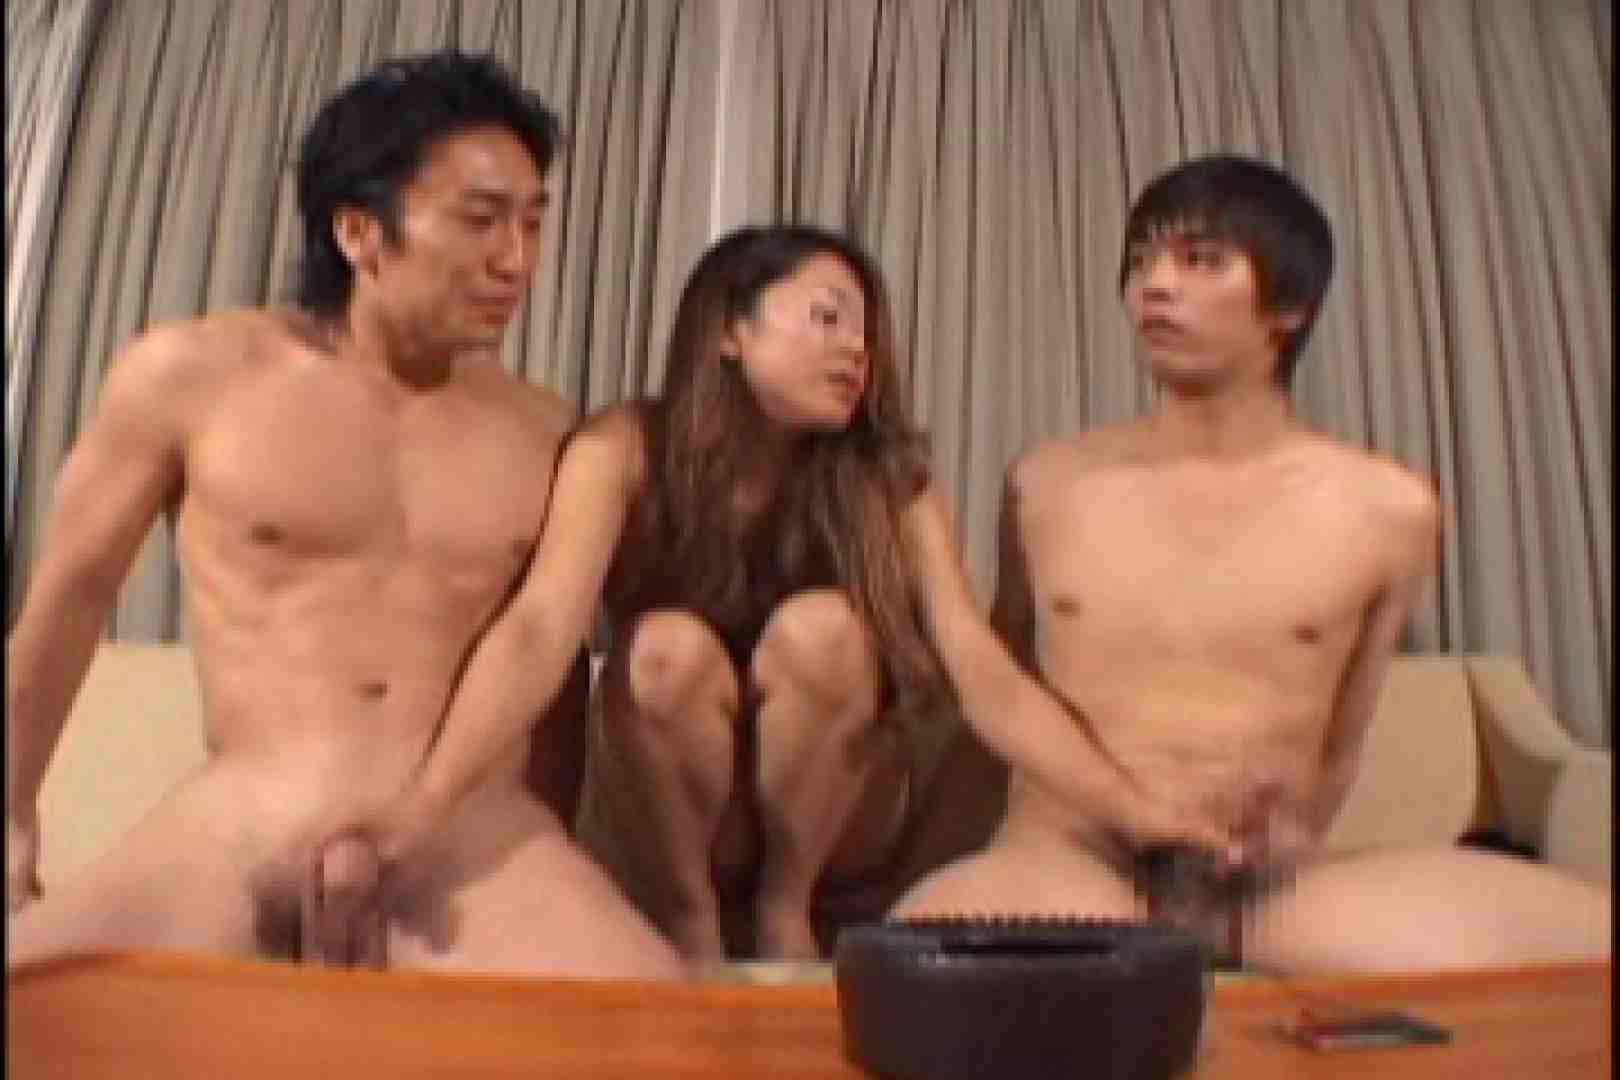 おちんちん|BEST OF イケメン!!男目線のガチSEX vol.04(対女性作品)|シックスナイン